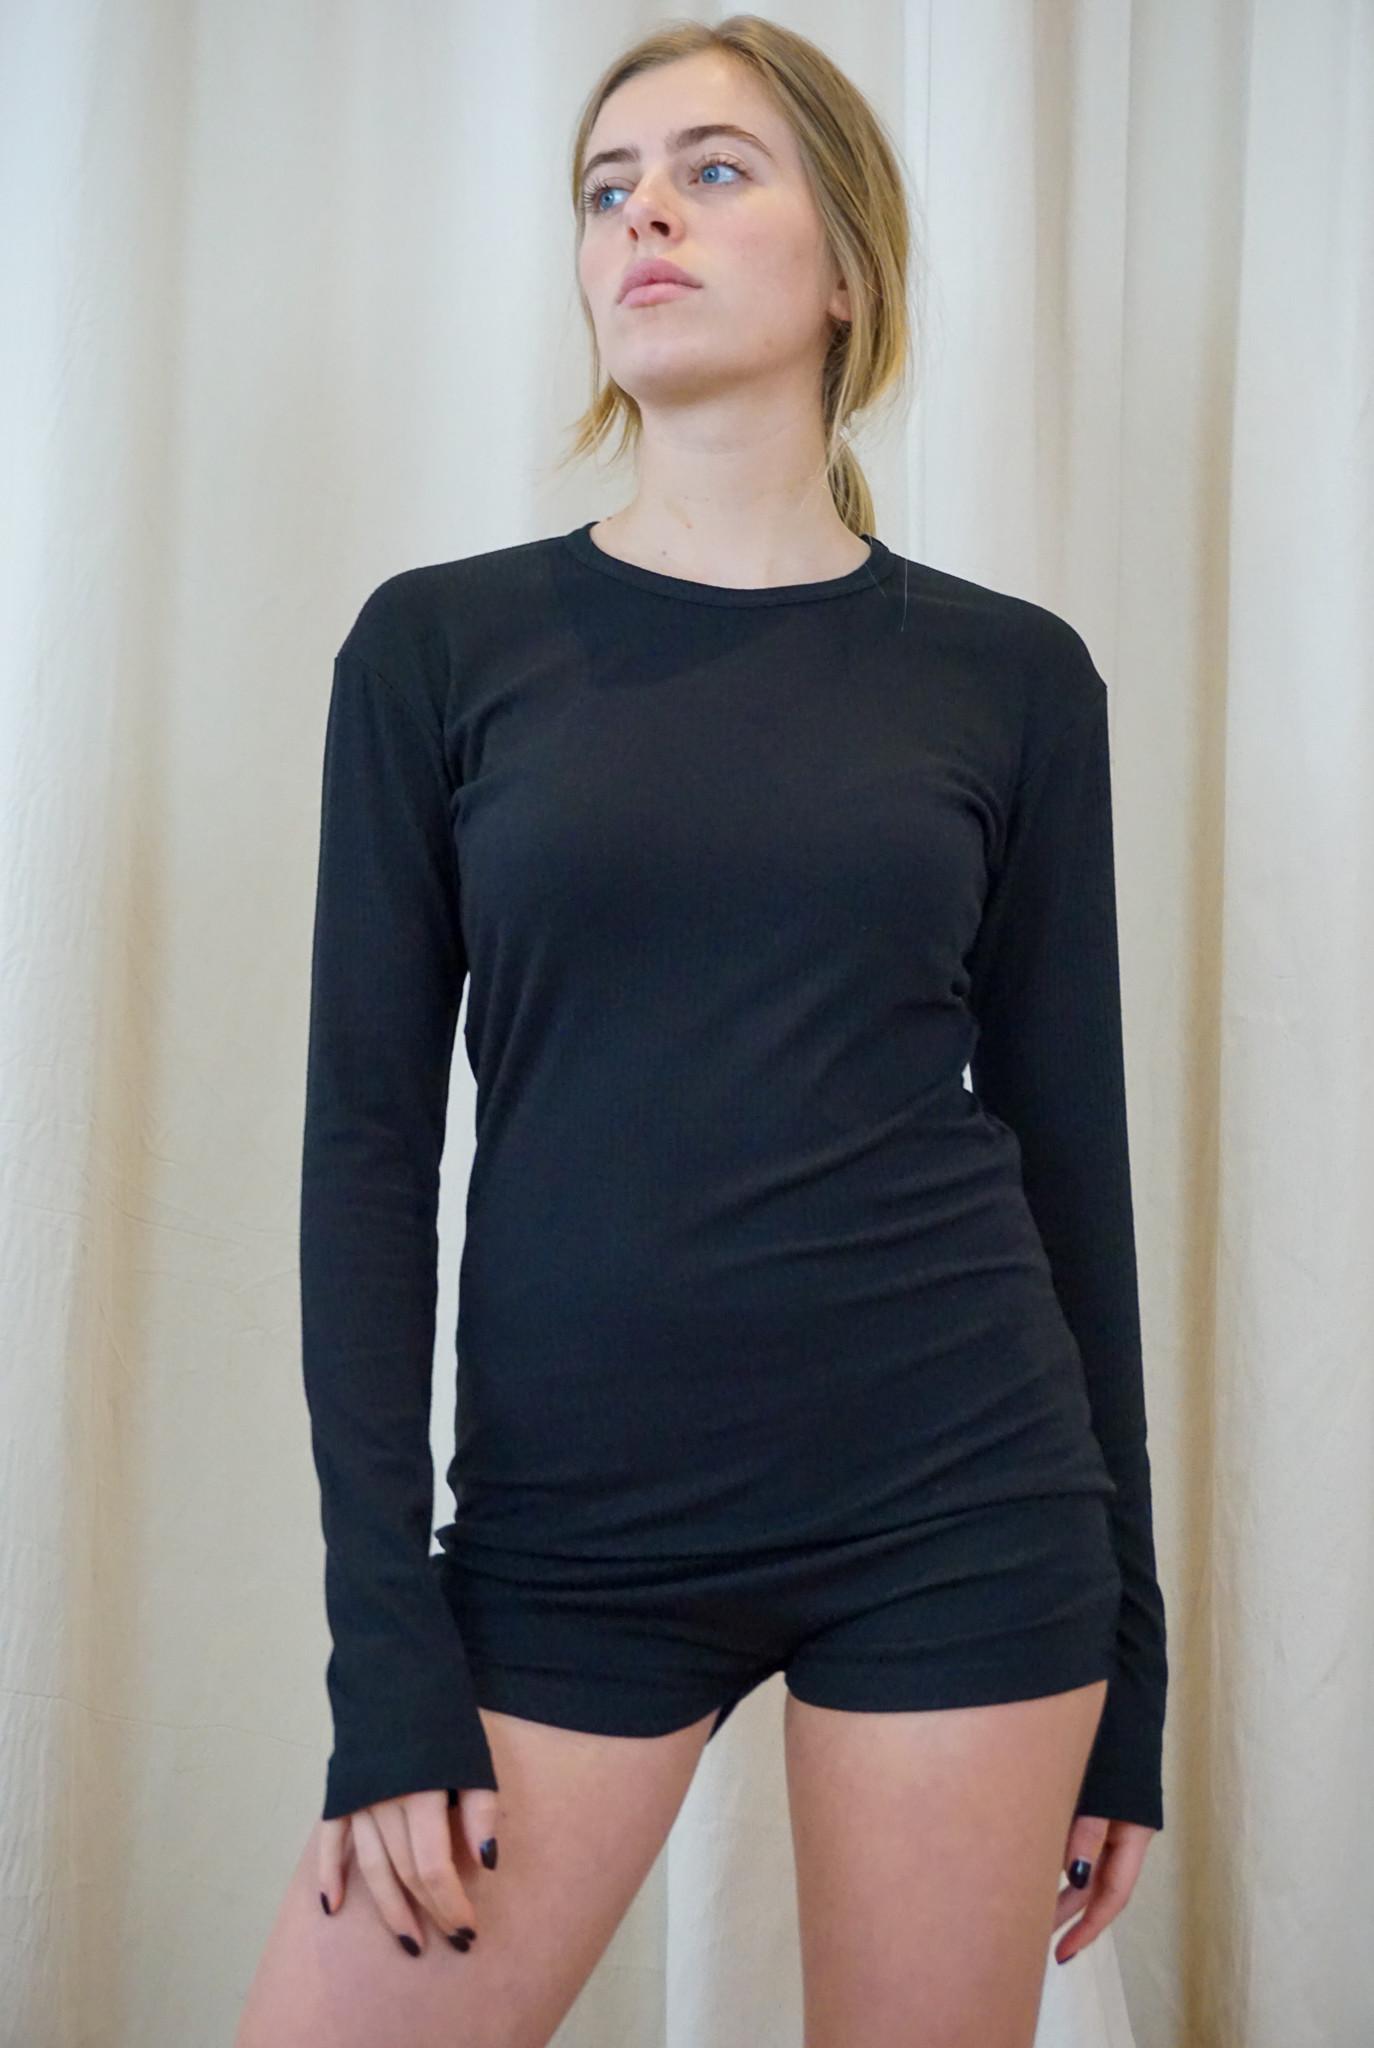 Playsuit black rib